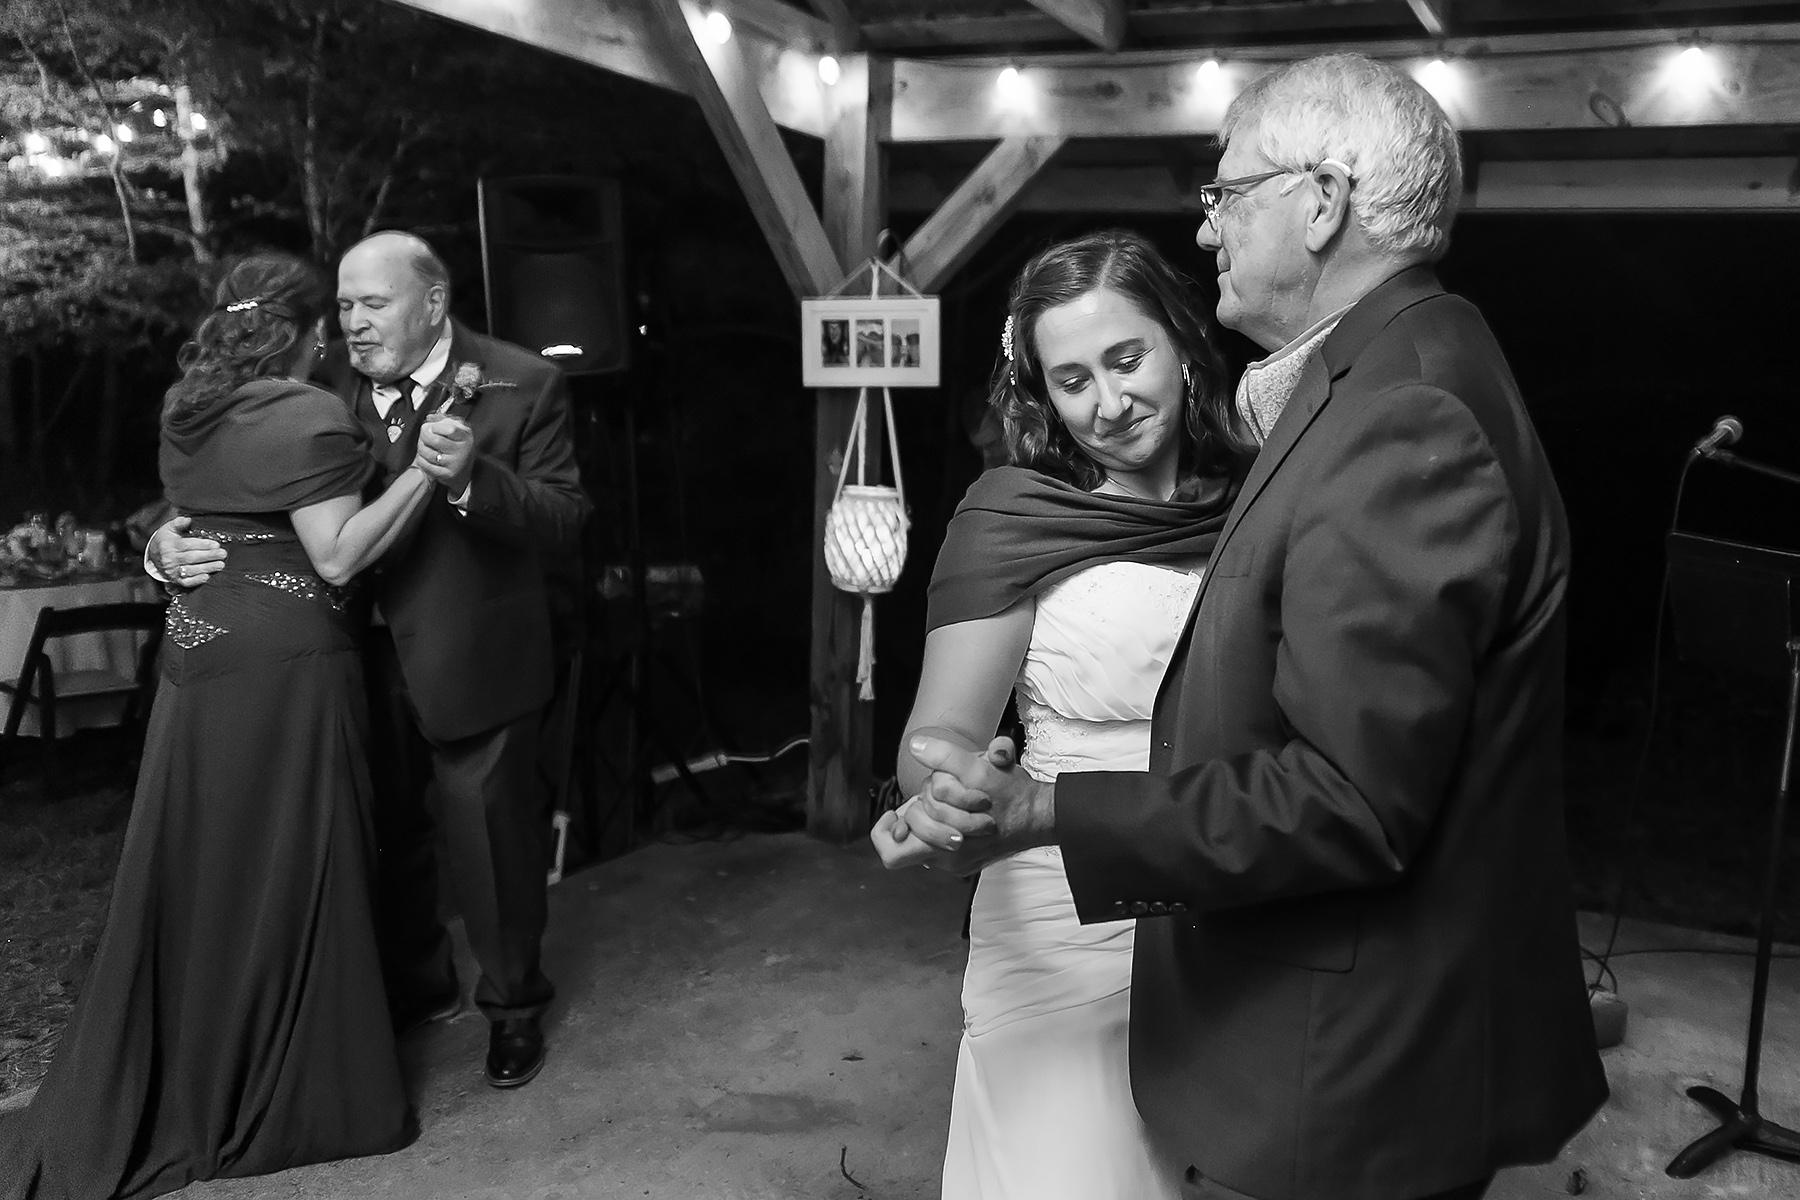 Immagine del padiglione della reception da Wit's End a Ellijay, GA | ballando con il padre